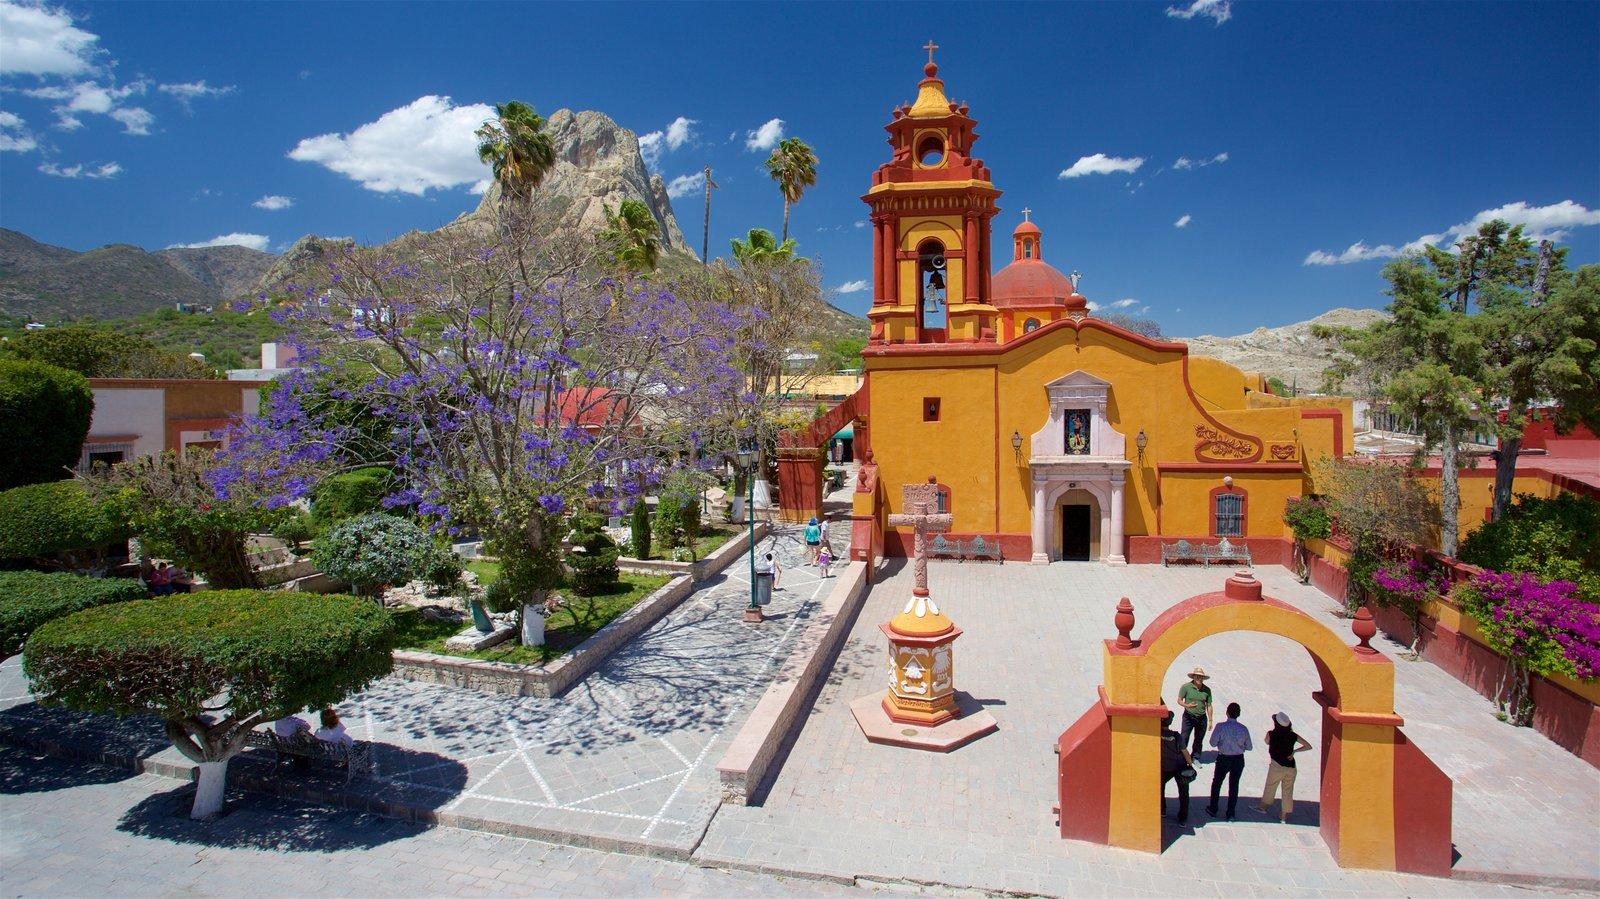 Bernal que inclui flores silvestres, montanhas e arquitetura de patrimônio